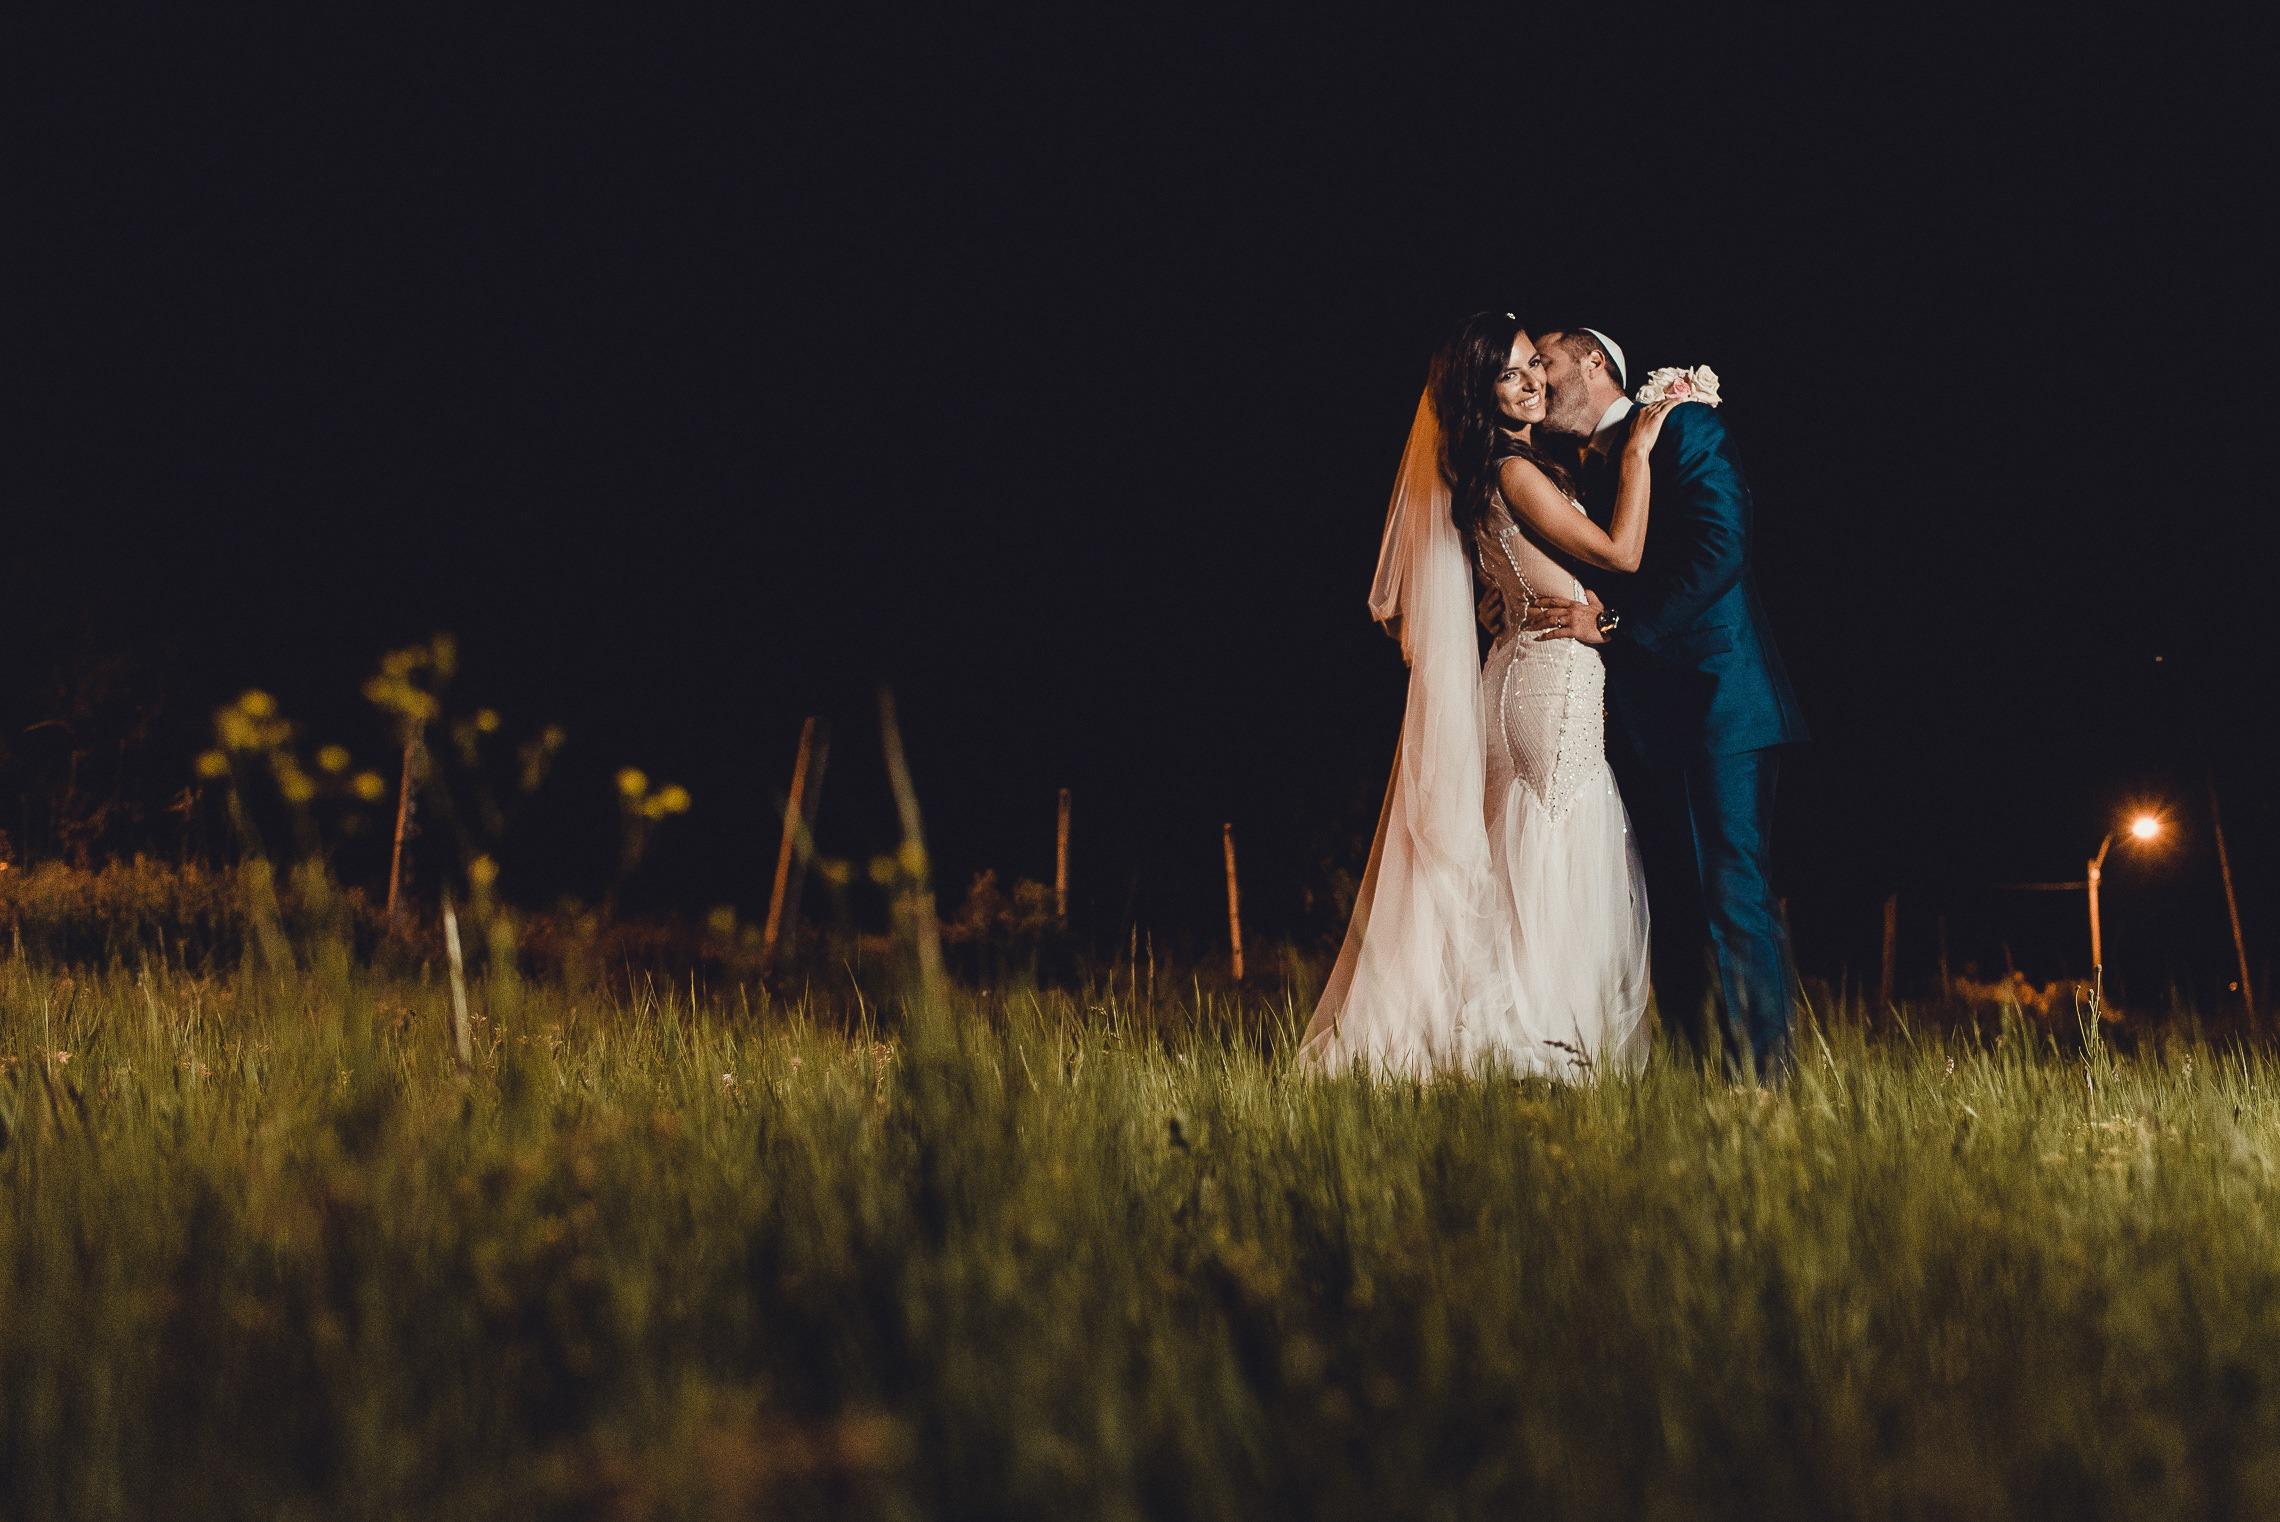 matrimonio-judio-uruguay-chile-argentina-jupá-ceremonia-judia